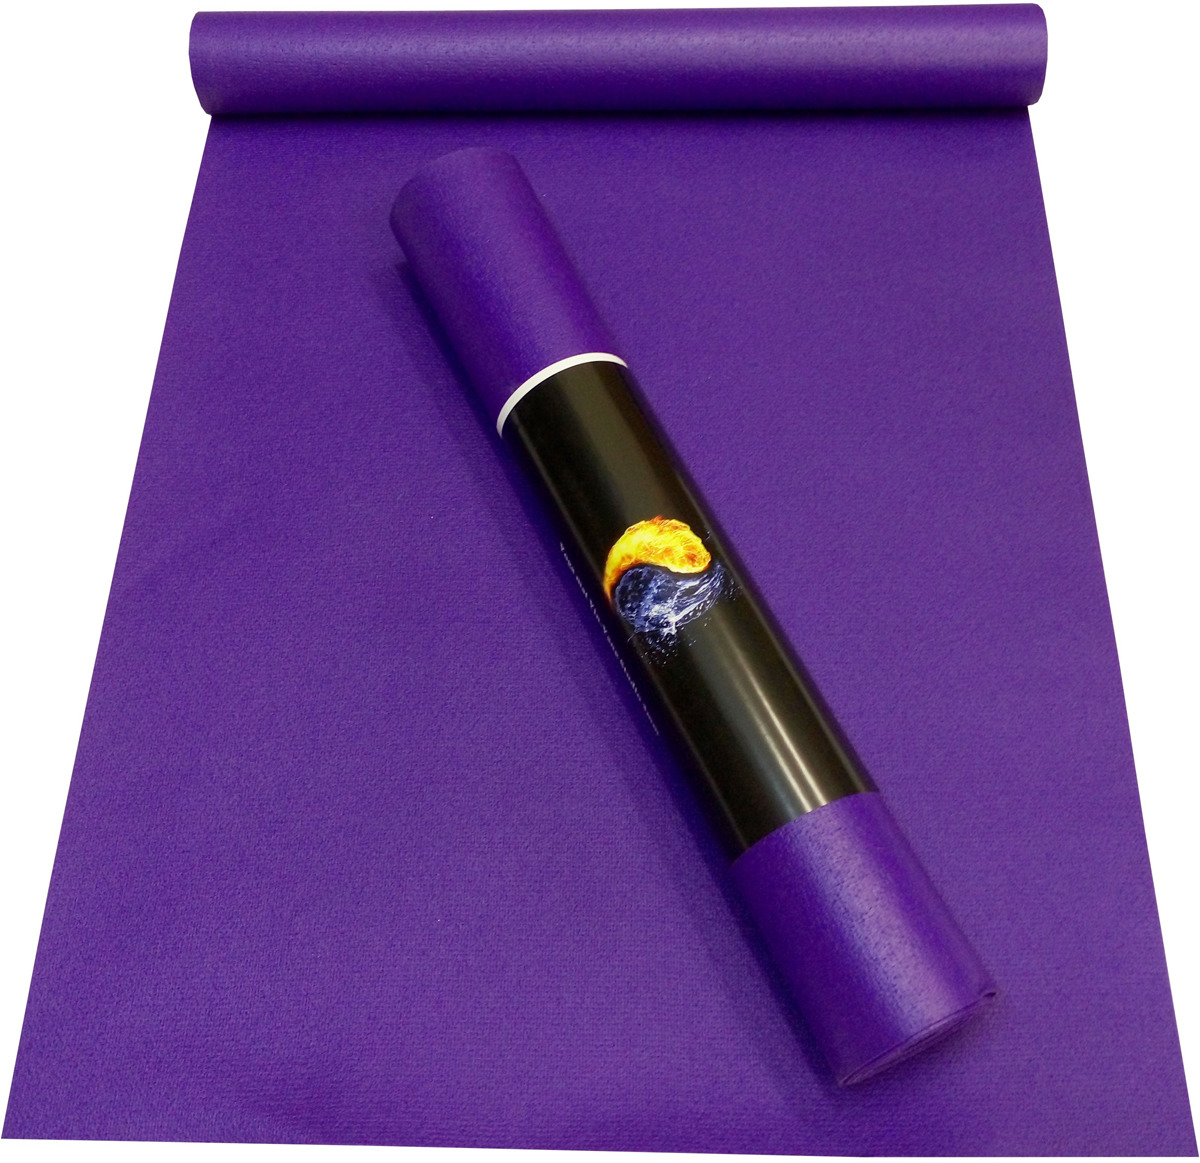 Коврик для йоги Ako-Yoga Yin-Yang Studio, цвет: фиолетовый, 220 х 80 см цены